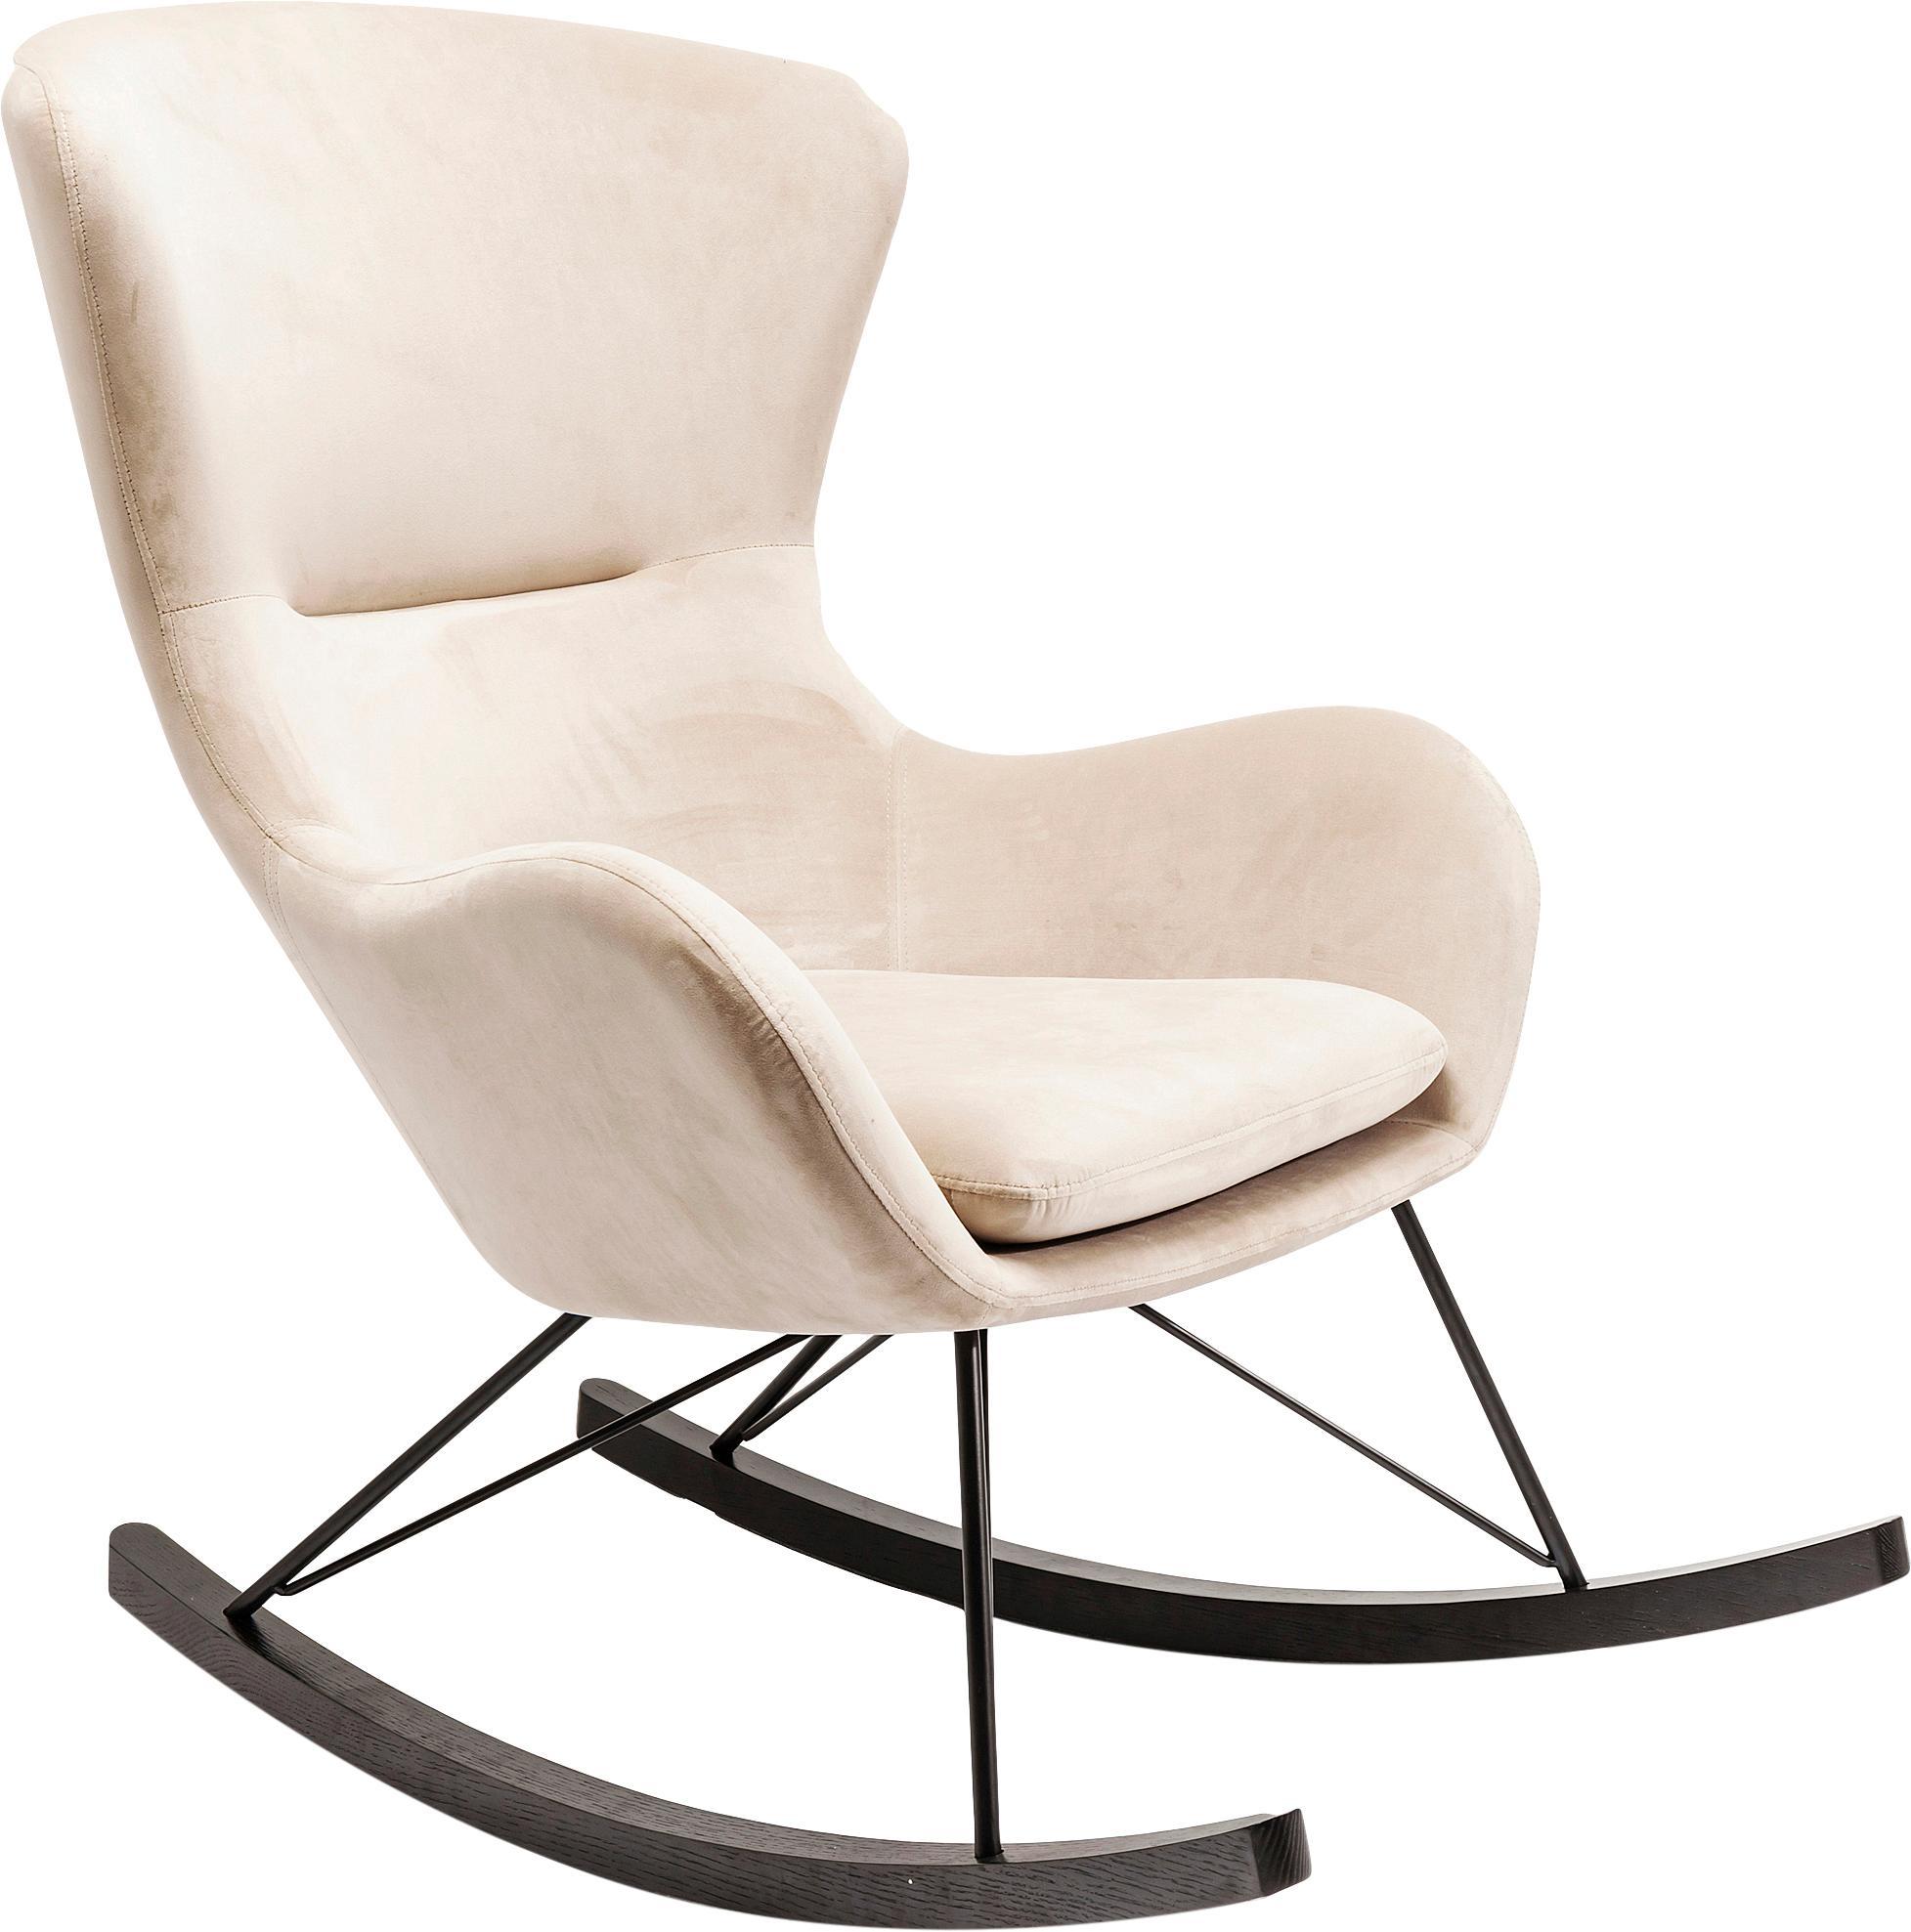 Sedia a dondolo in velluto color crema Oslo, Rivestimento: poliestere, Gambe: acciaio, verniciato a pol, Crema, Larg. 76 x Prof. 103 cm